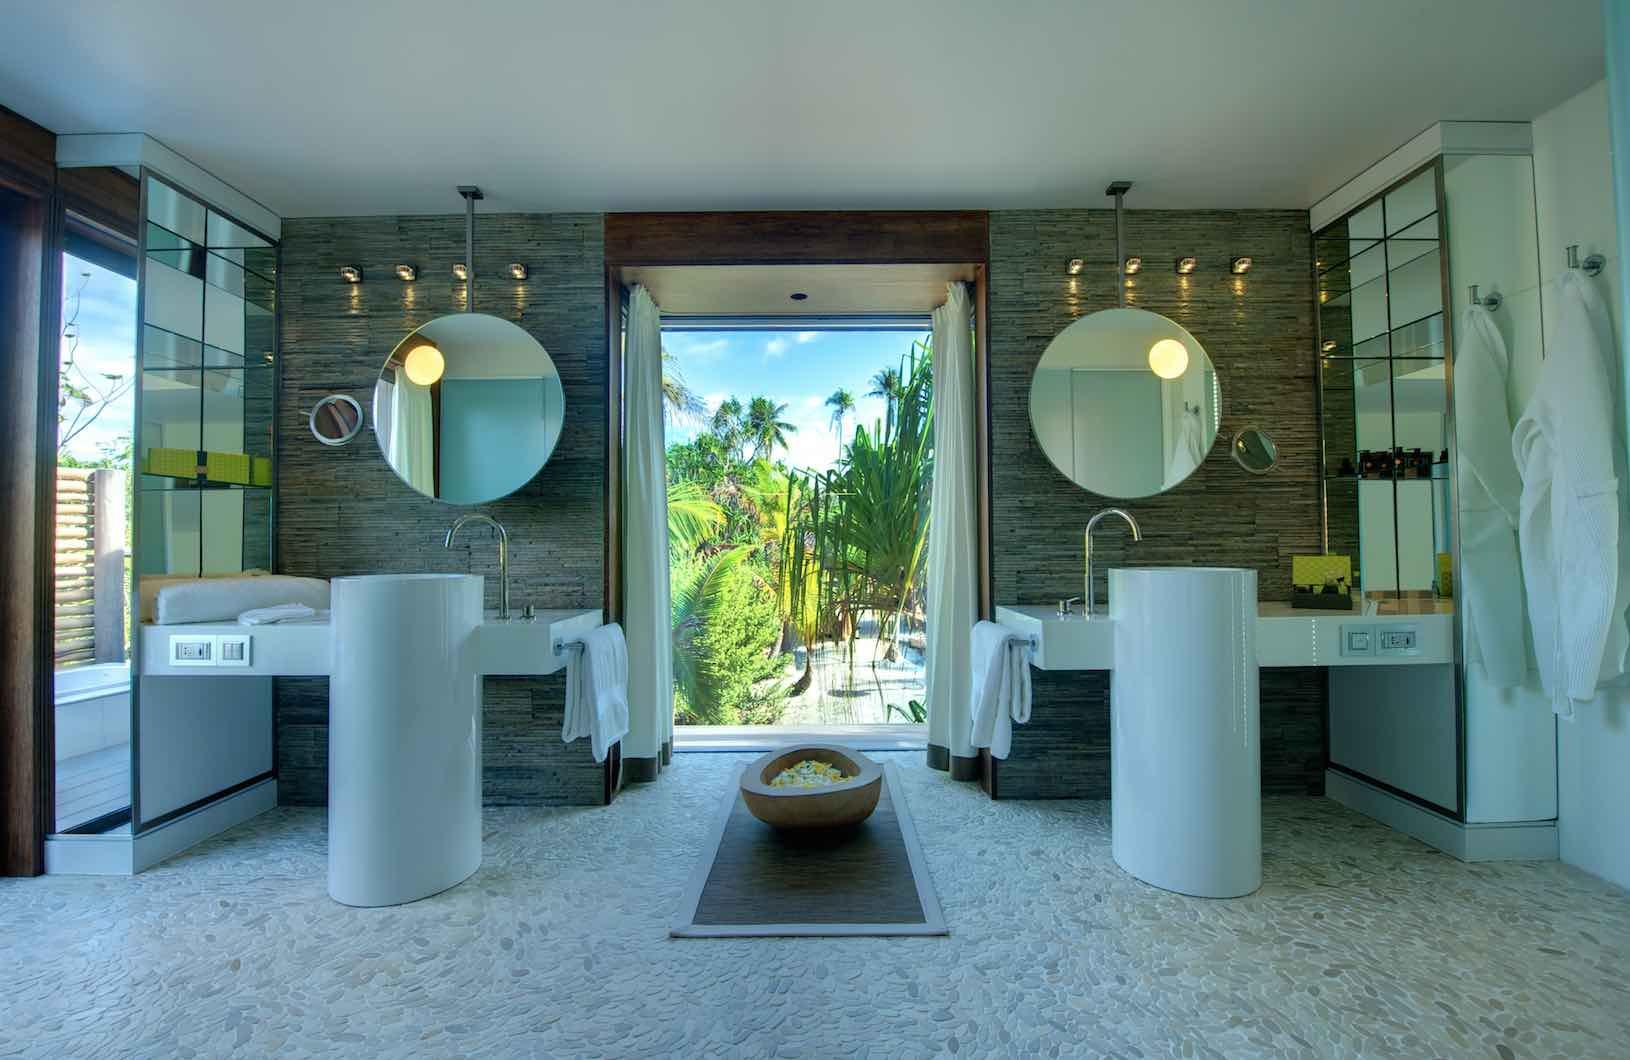 The Brando - A Perfect Hotel View in Bora Bora5.jpg